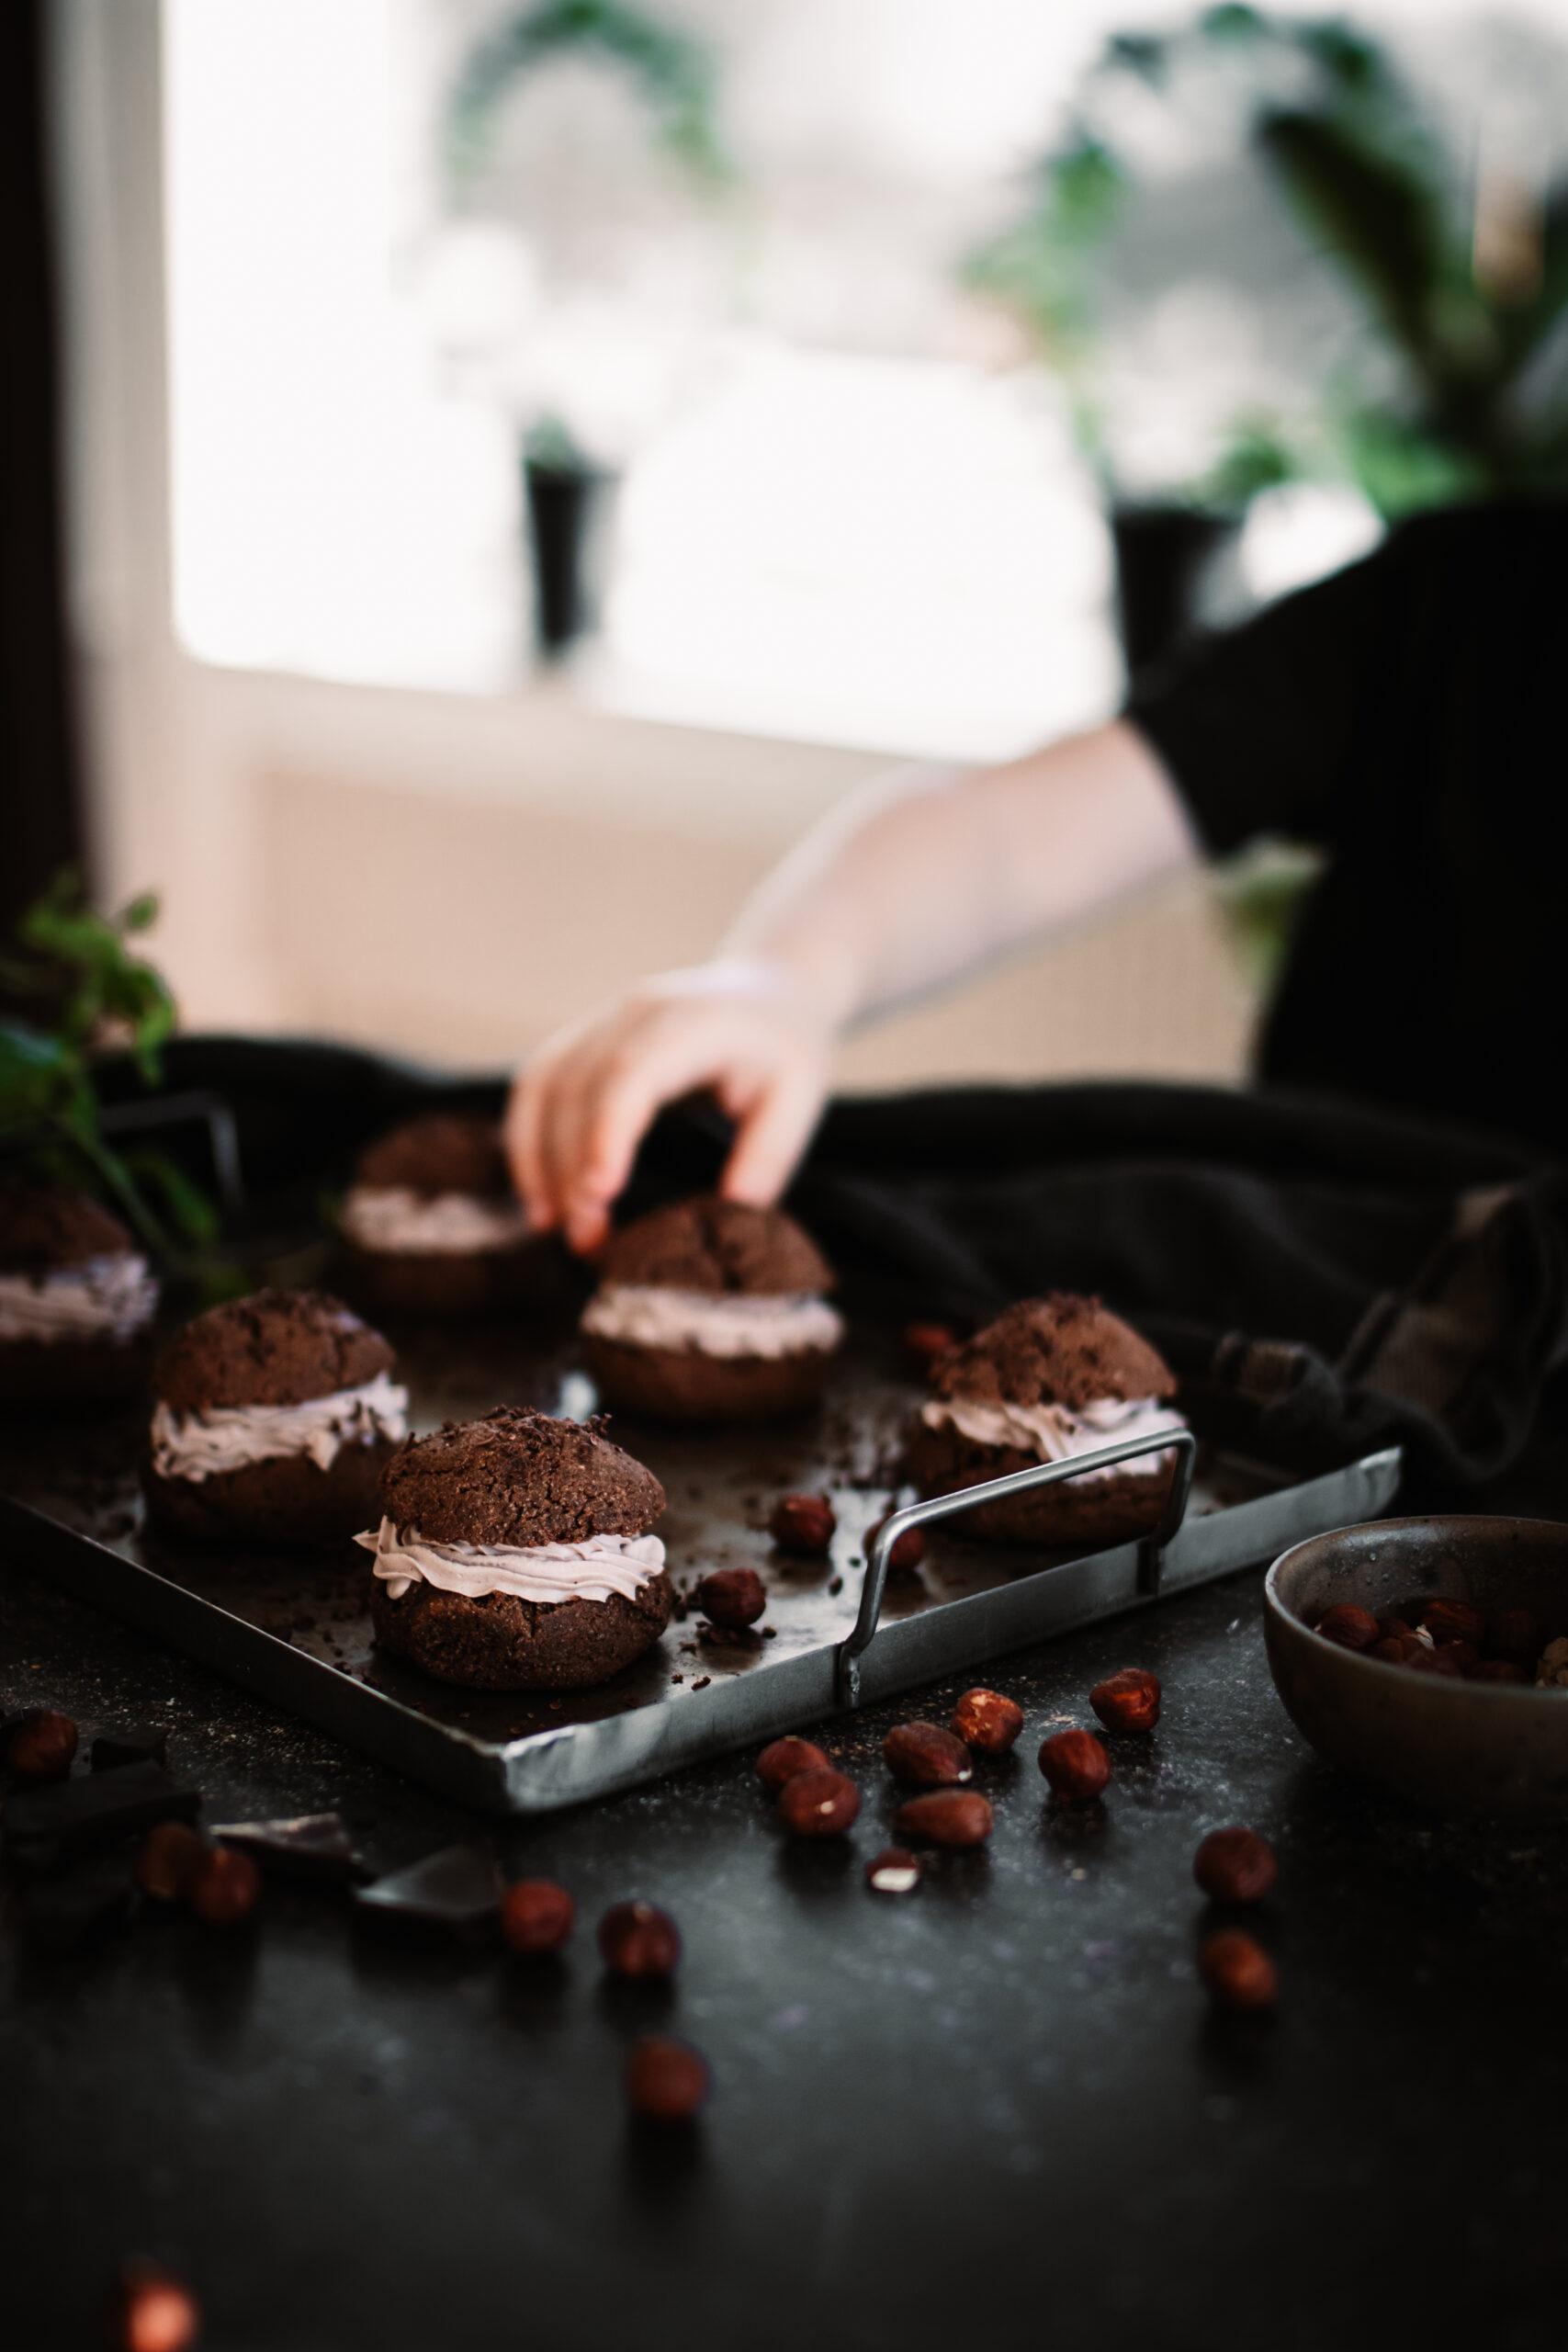 Chokladsemlor fria från spannmål, mjölk & vitt socker